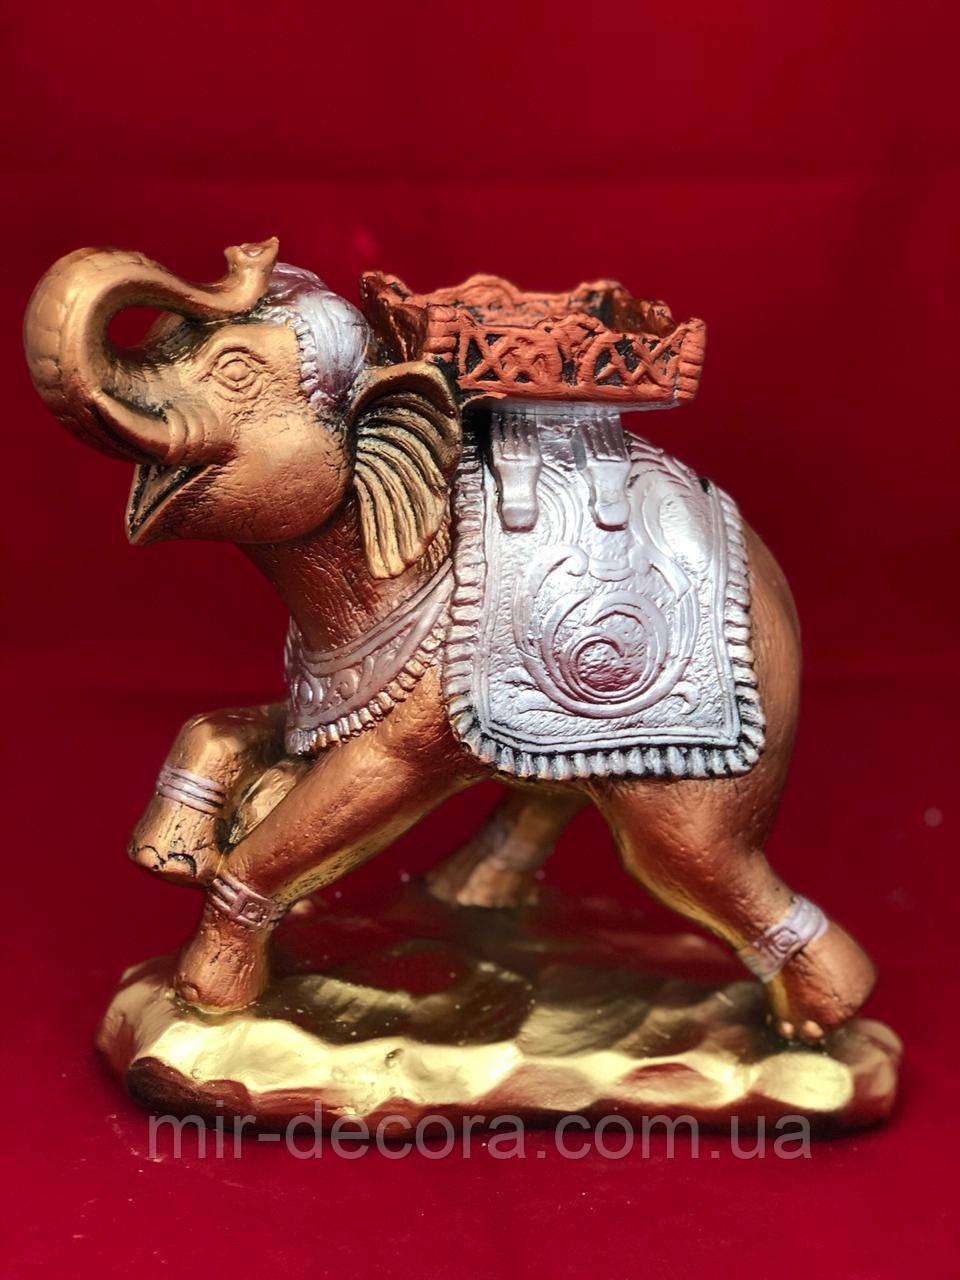 Статуэтка интерьерная копилка Слон с седлом, 24 на 28 см